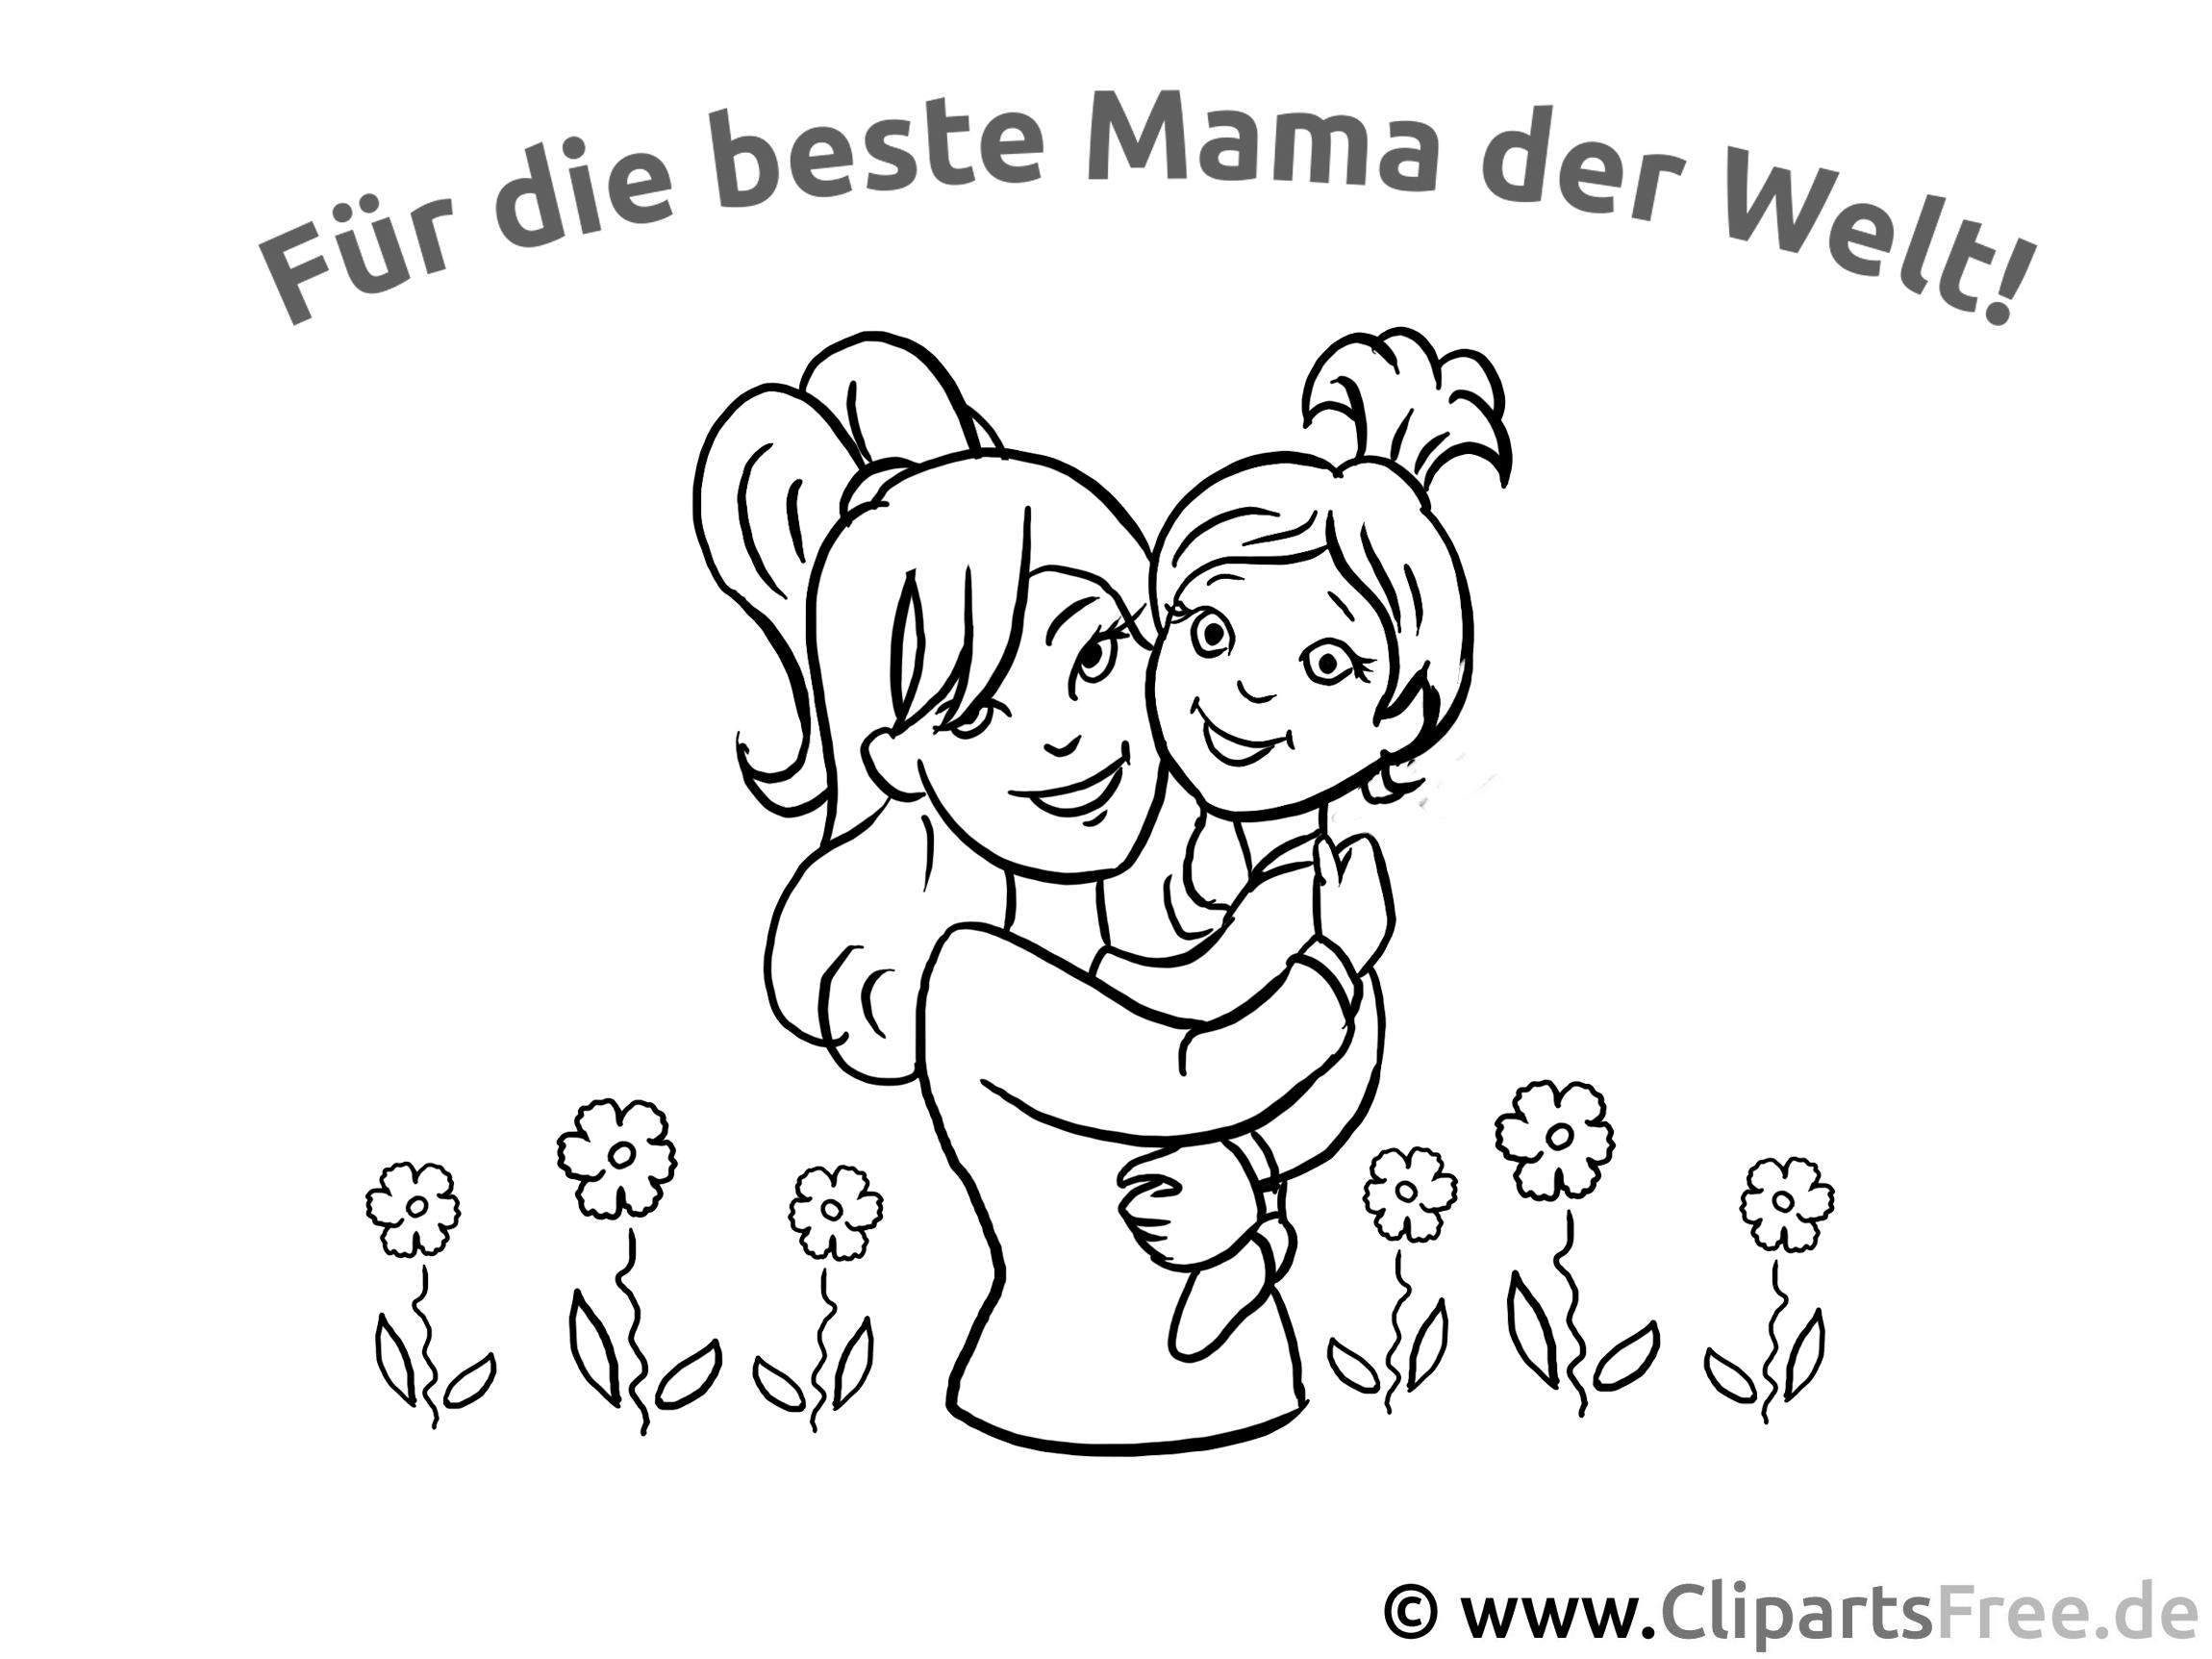 Mama mit Kind - Glückwunschkarten zum Muttertag selbst basteln